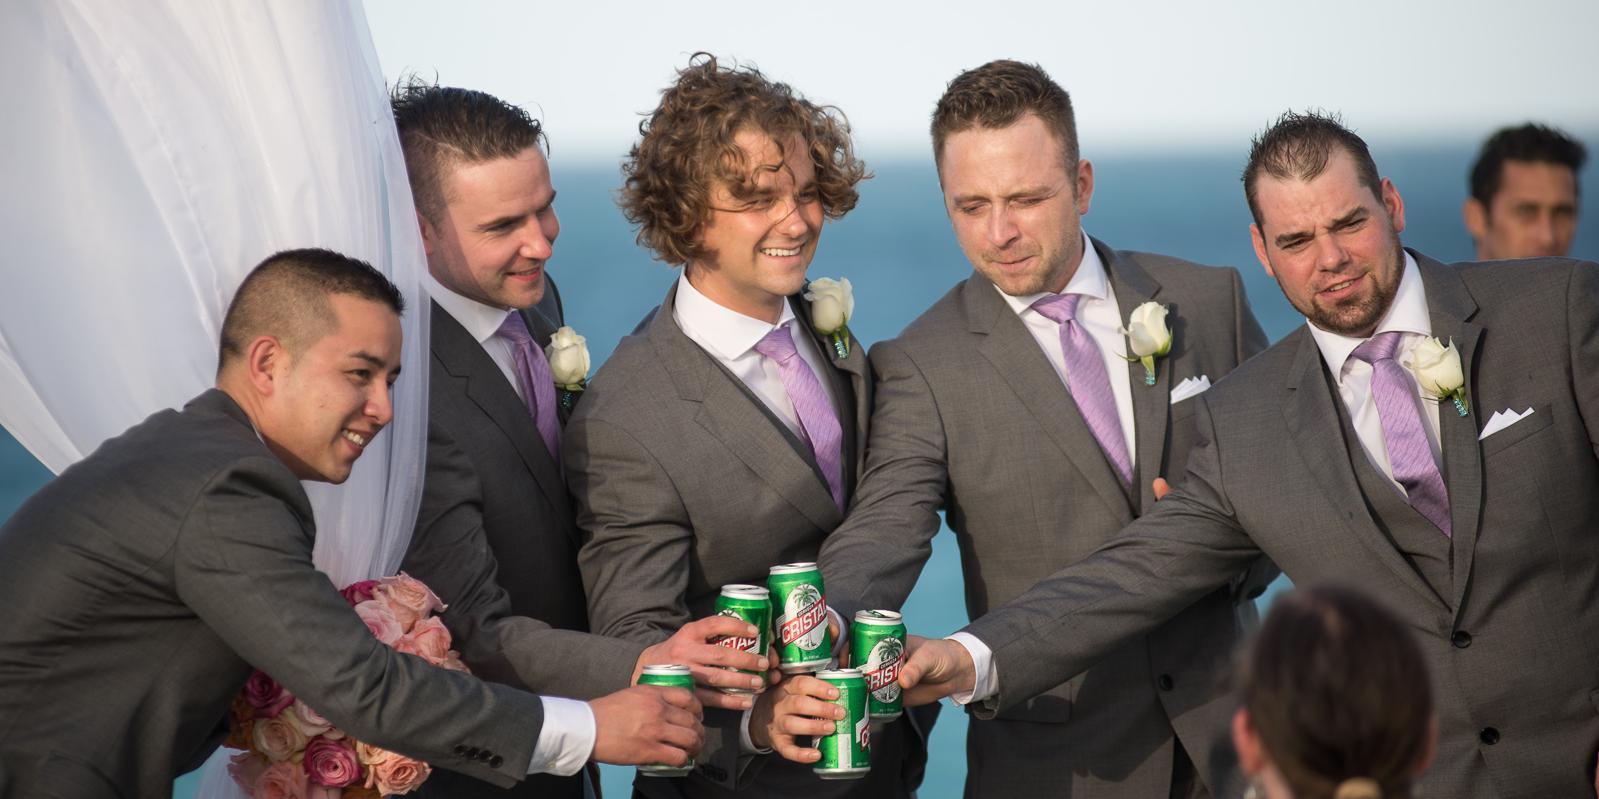 bodas-estilo-libre-sin-tema-cuba-7301.jpg